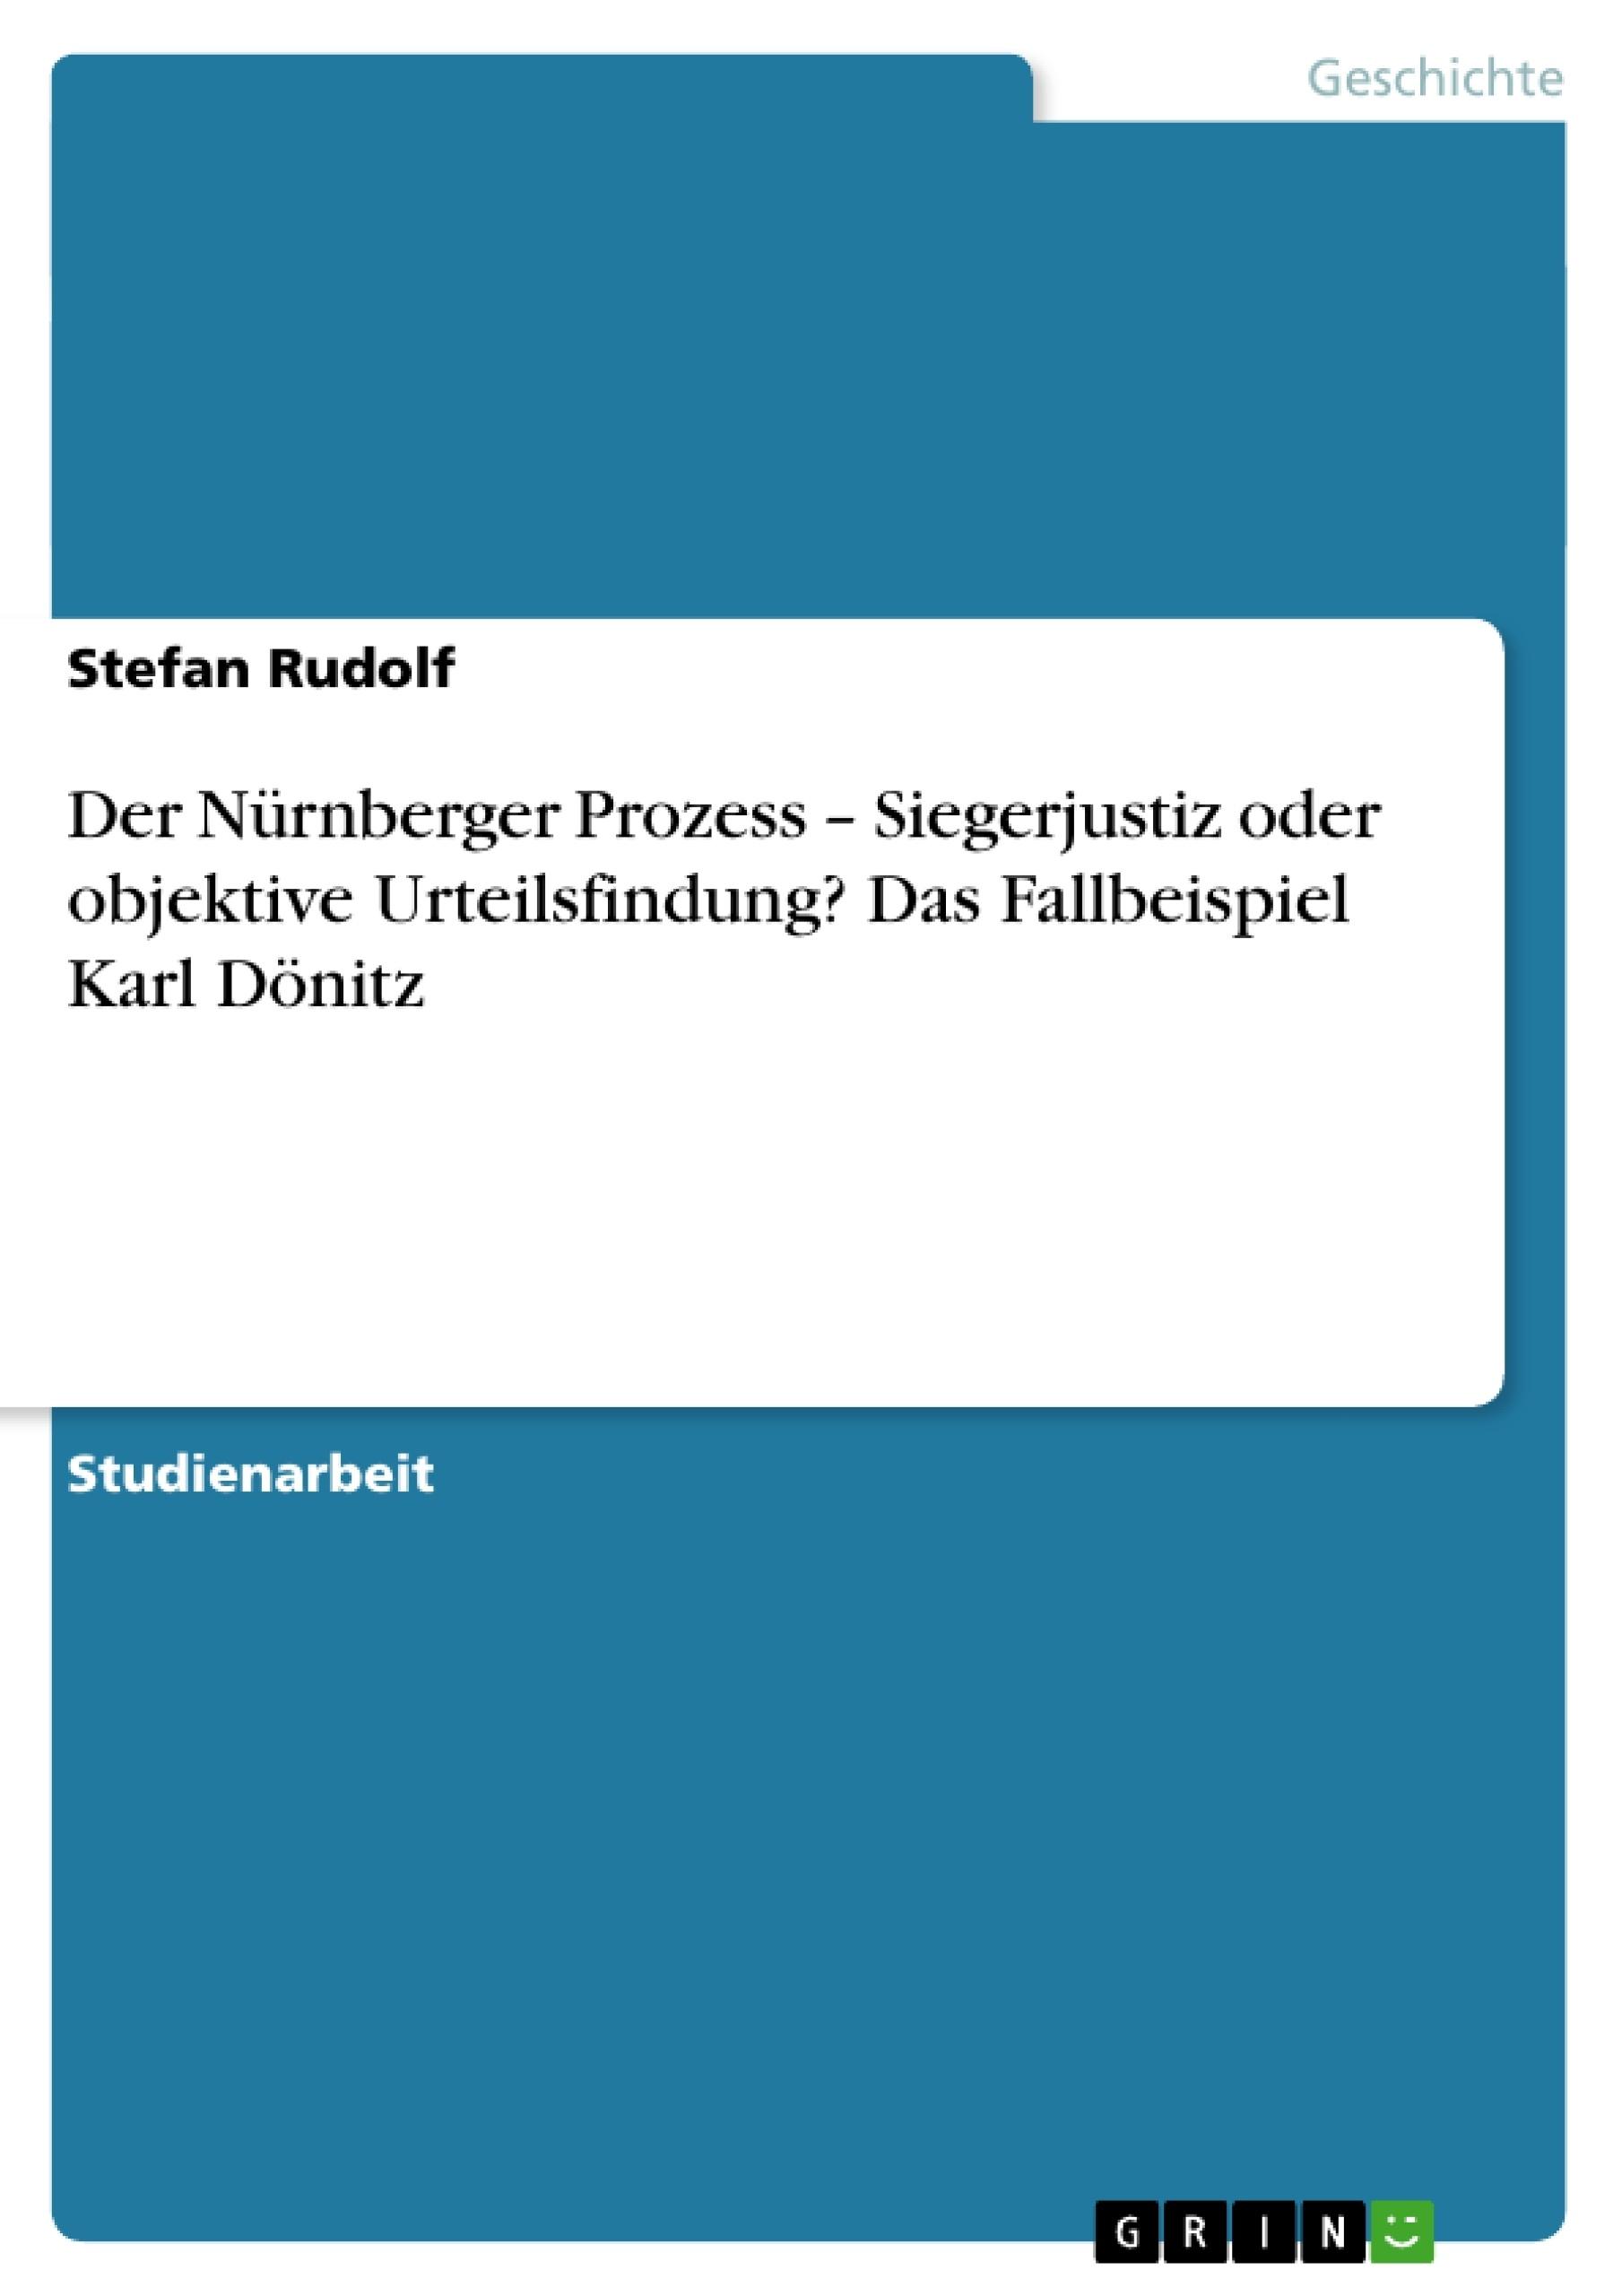 Titel: Der Nürnberger Prozess – Siegerjustiz oder objektive Urteilsfindung? Das Fallbeispiel Karl Dönitz